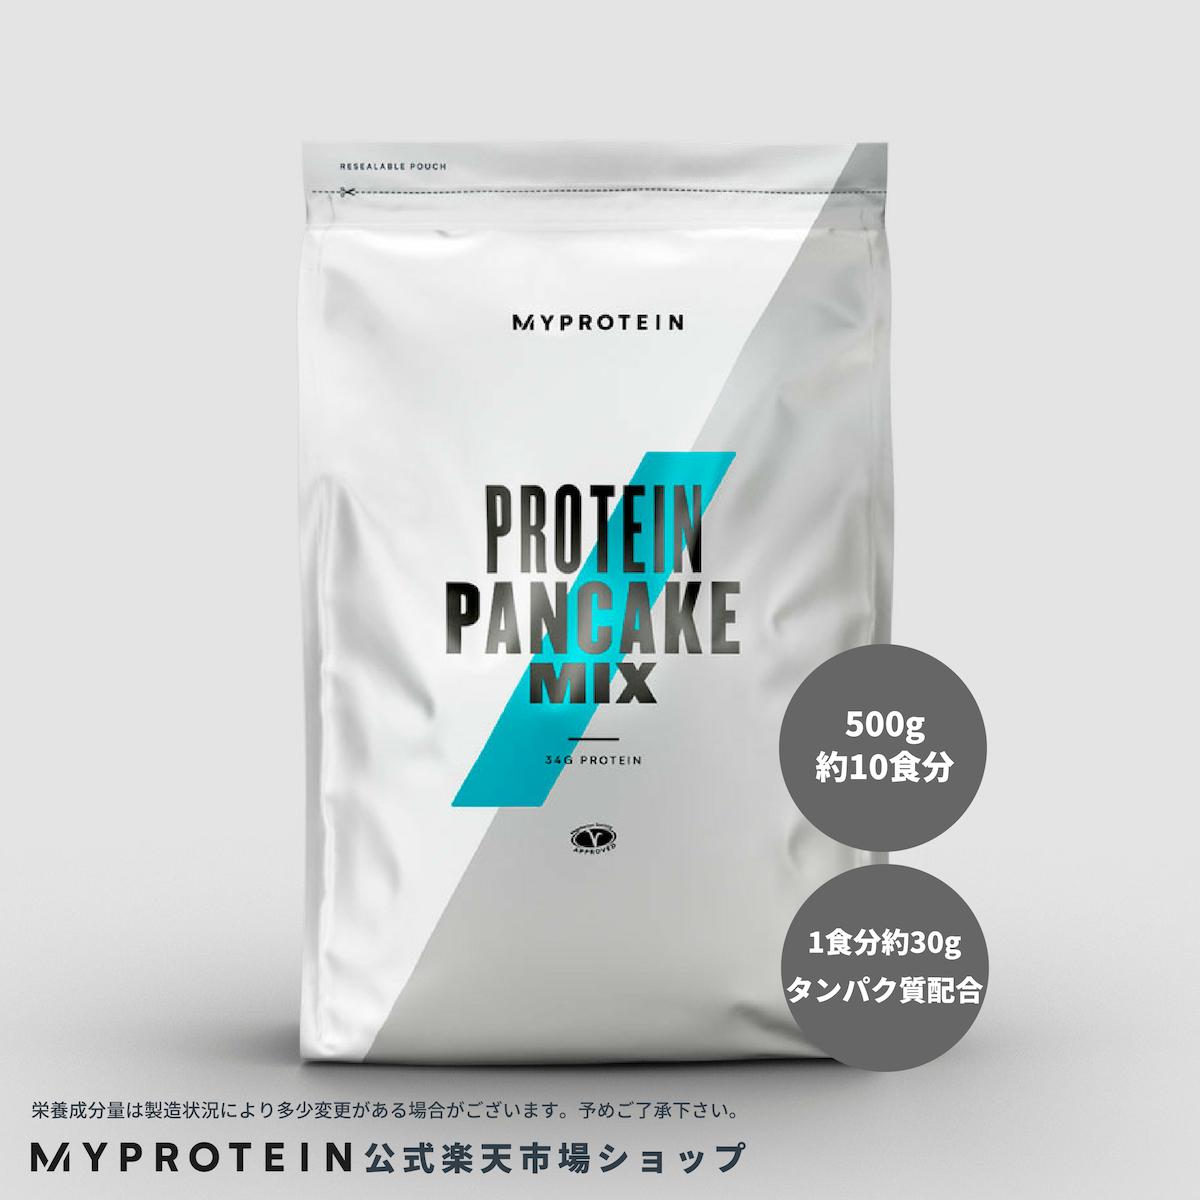 マイプロテイン 公式 【MyProtein】 プロテイン パンケーキ ミックス 500g 約10食分| プロテインスナック ホットケーキミックス 低脂肪 高たんぱく質 高タンパク質【楽天海外直送】